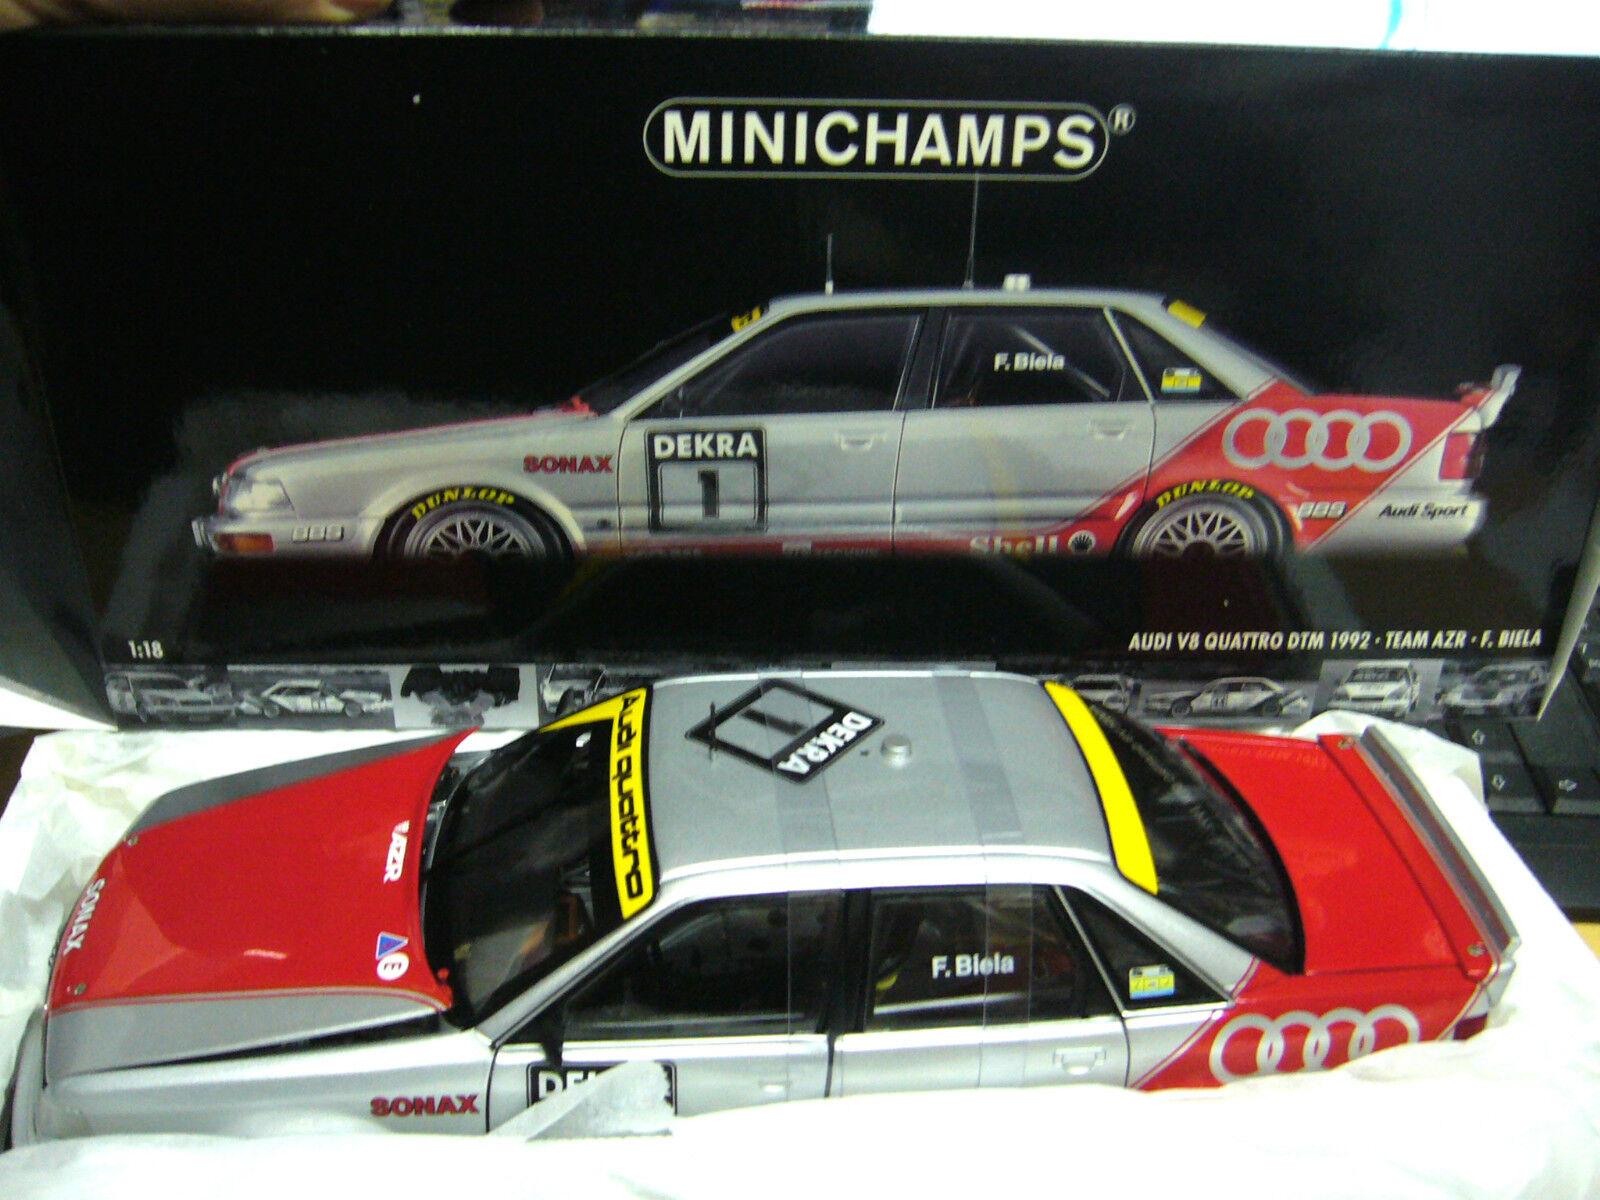 el precio más bajo Audi v8 Quattro evo DTM biela biela biela 1992  1 azr Minichamps pma rare 1 18  protección post-venta